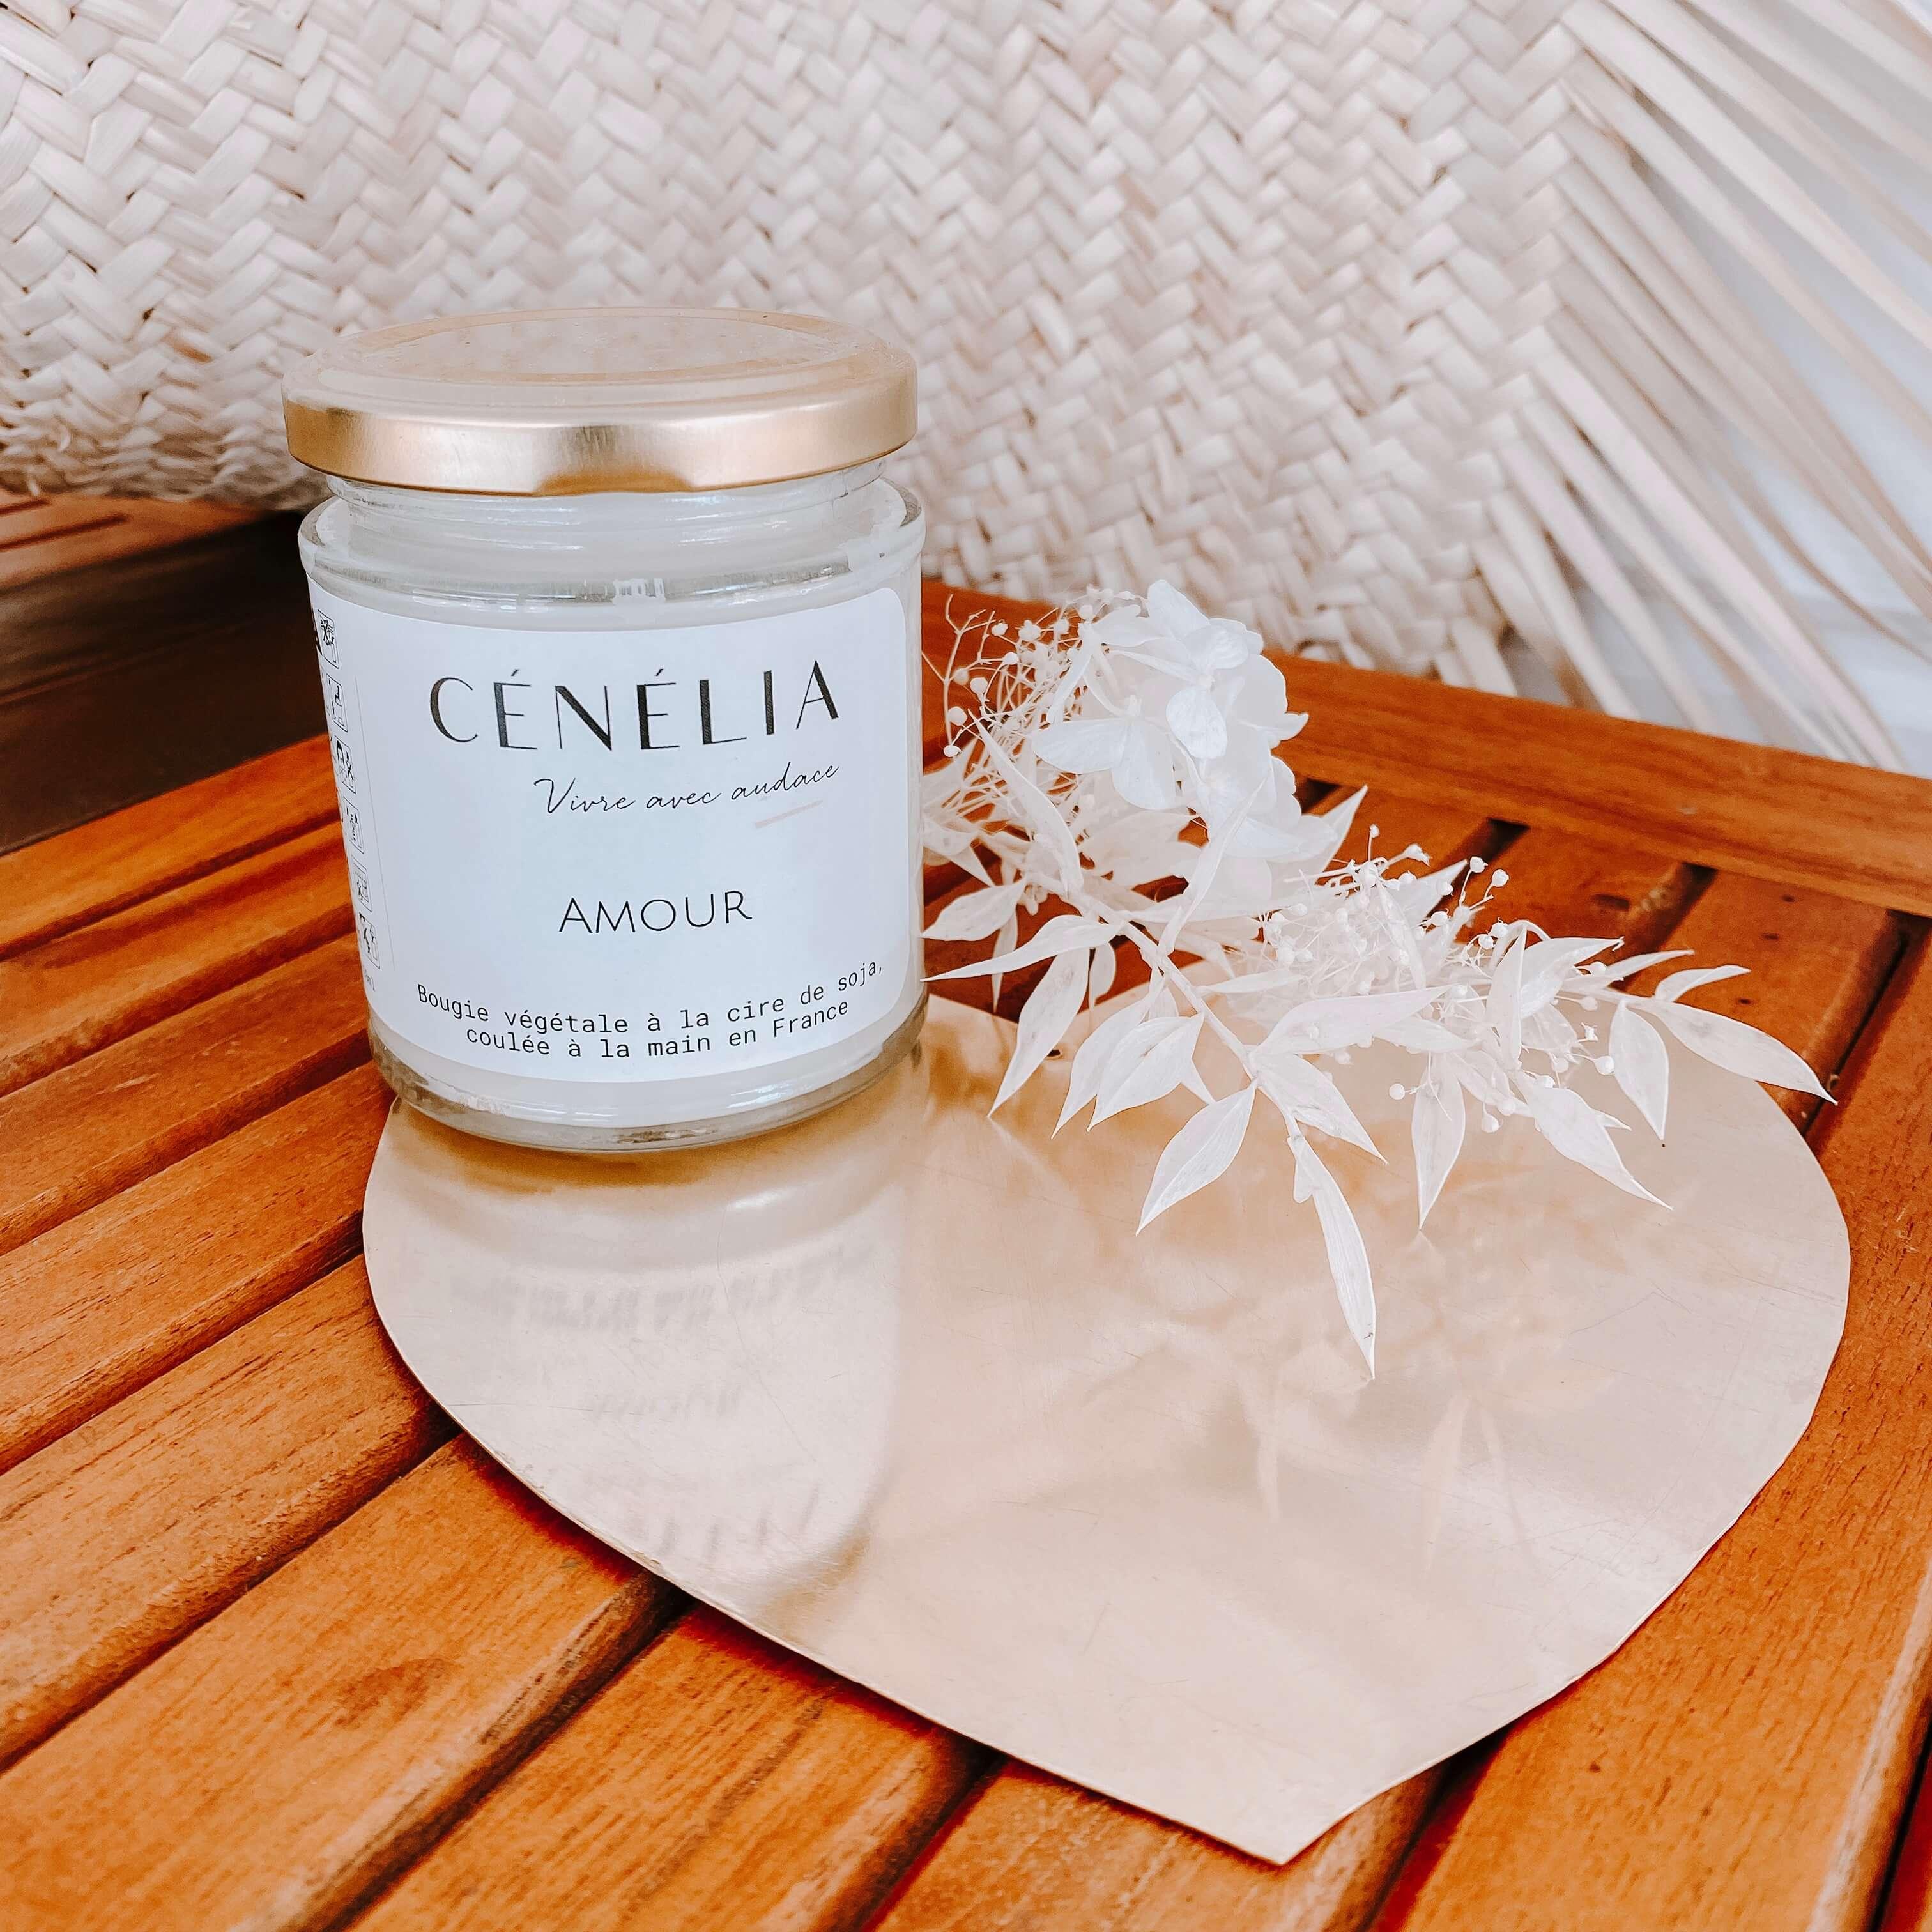 Bougie Amour - bougie naturelle légère Cénélia